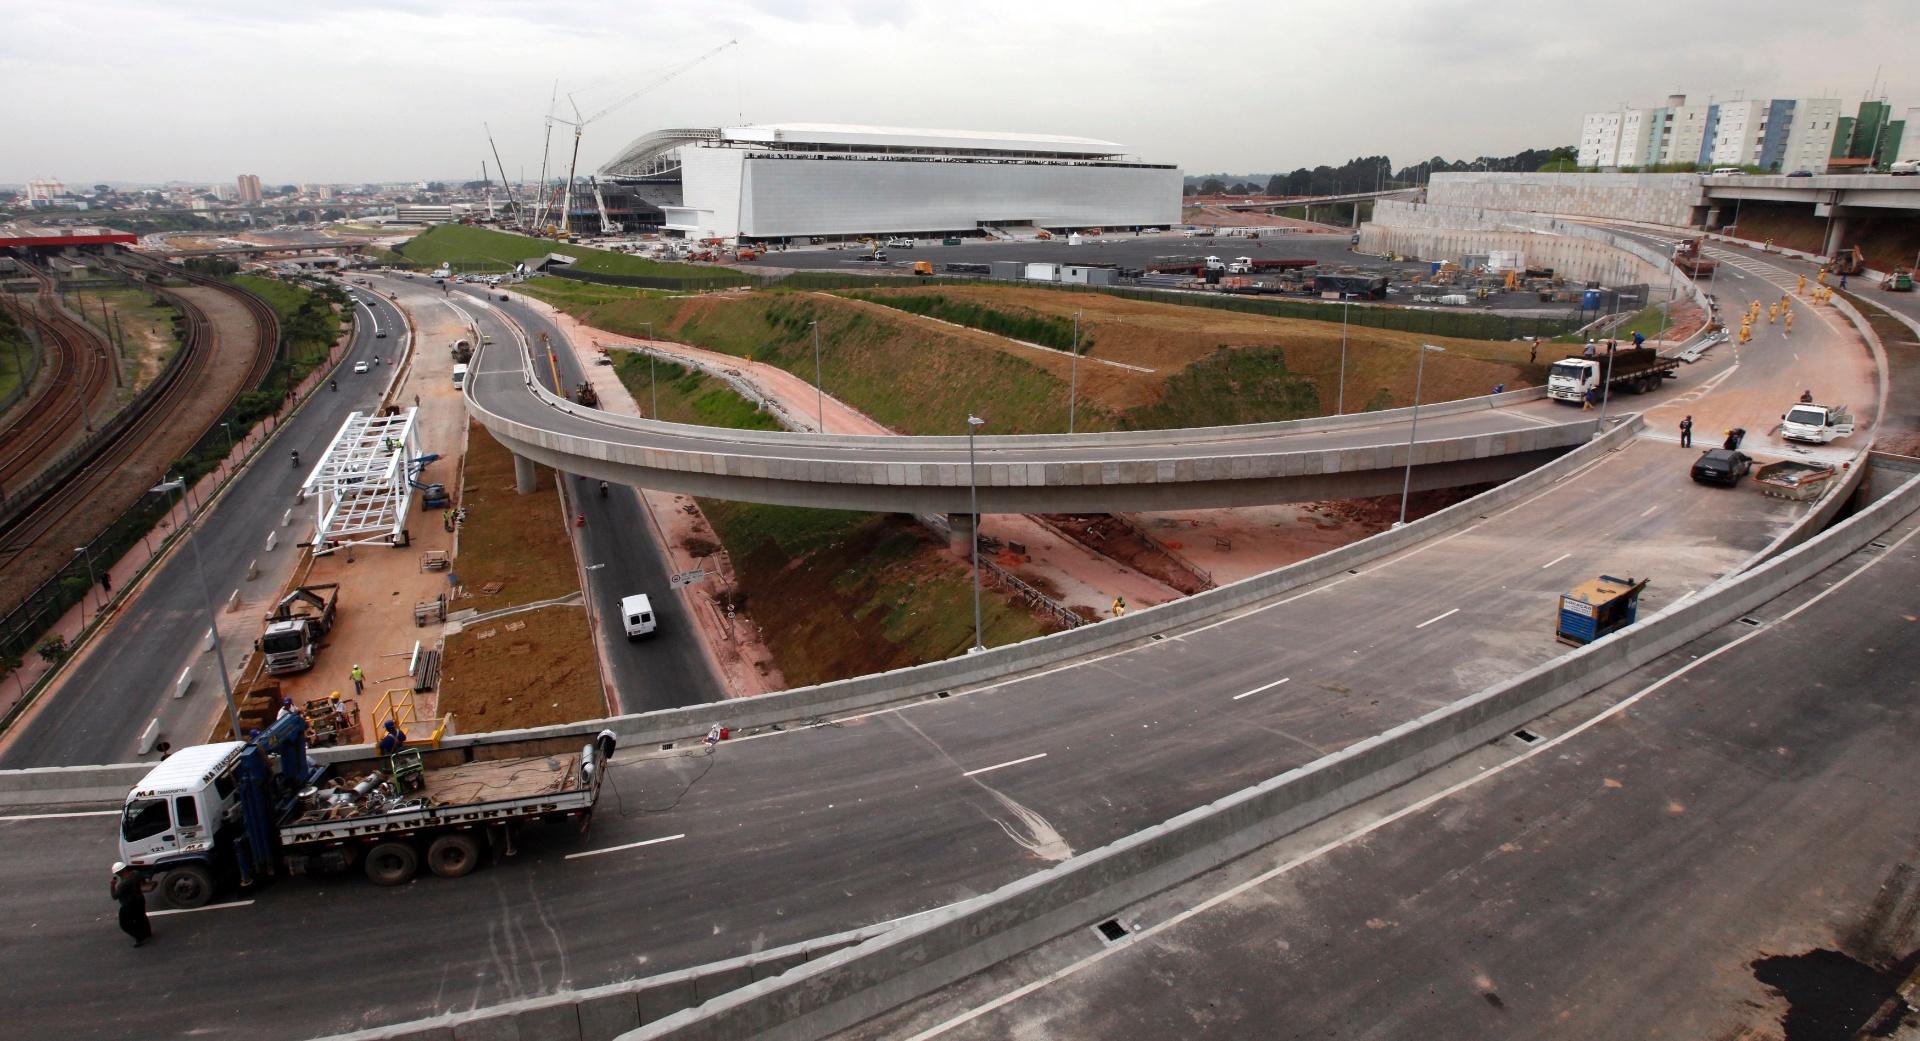 22.04.2014 - Vista do entorno do estádio do Itaquerão, que recebeu a visita de Jerome Valcke